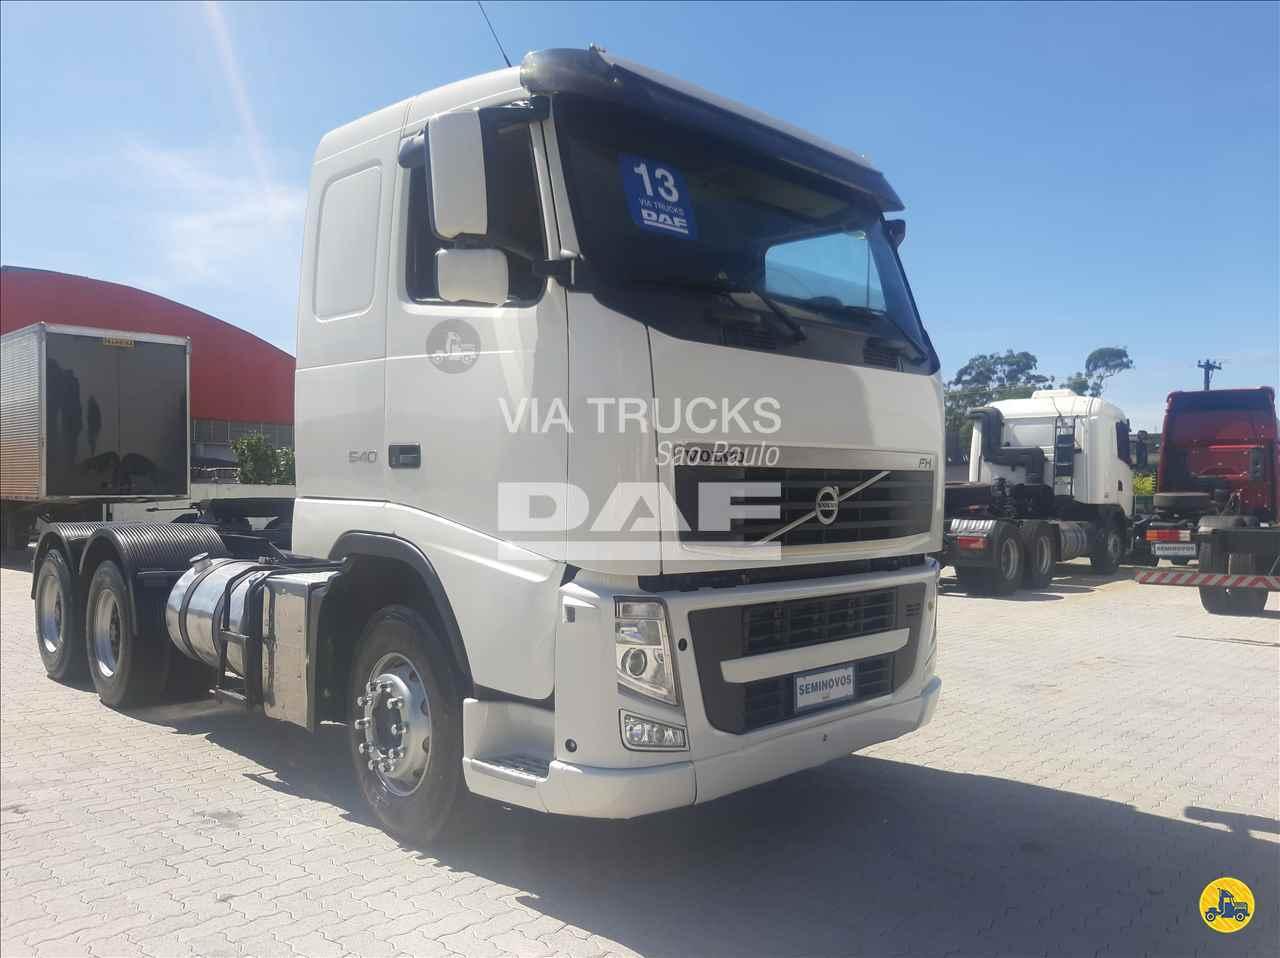 VOLVO VOLVO FH 540 359206km 2013/2013 DAF – Via Trucks São Paulo